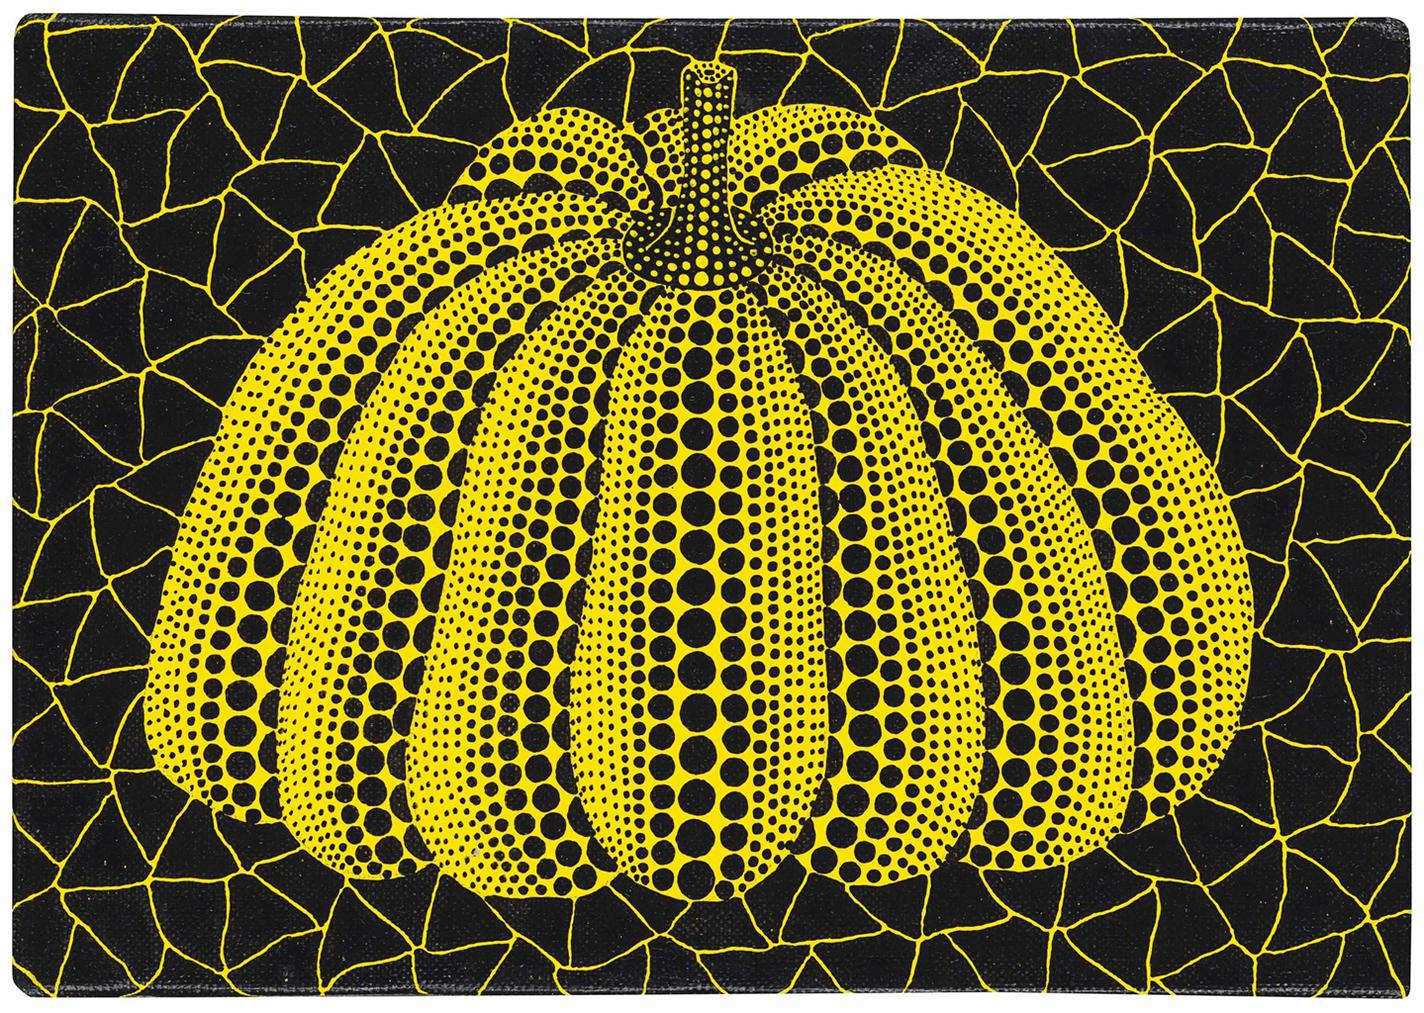 Yayoi Kusama-Pumpkin-1997